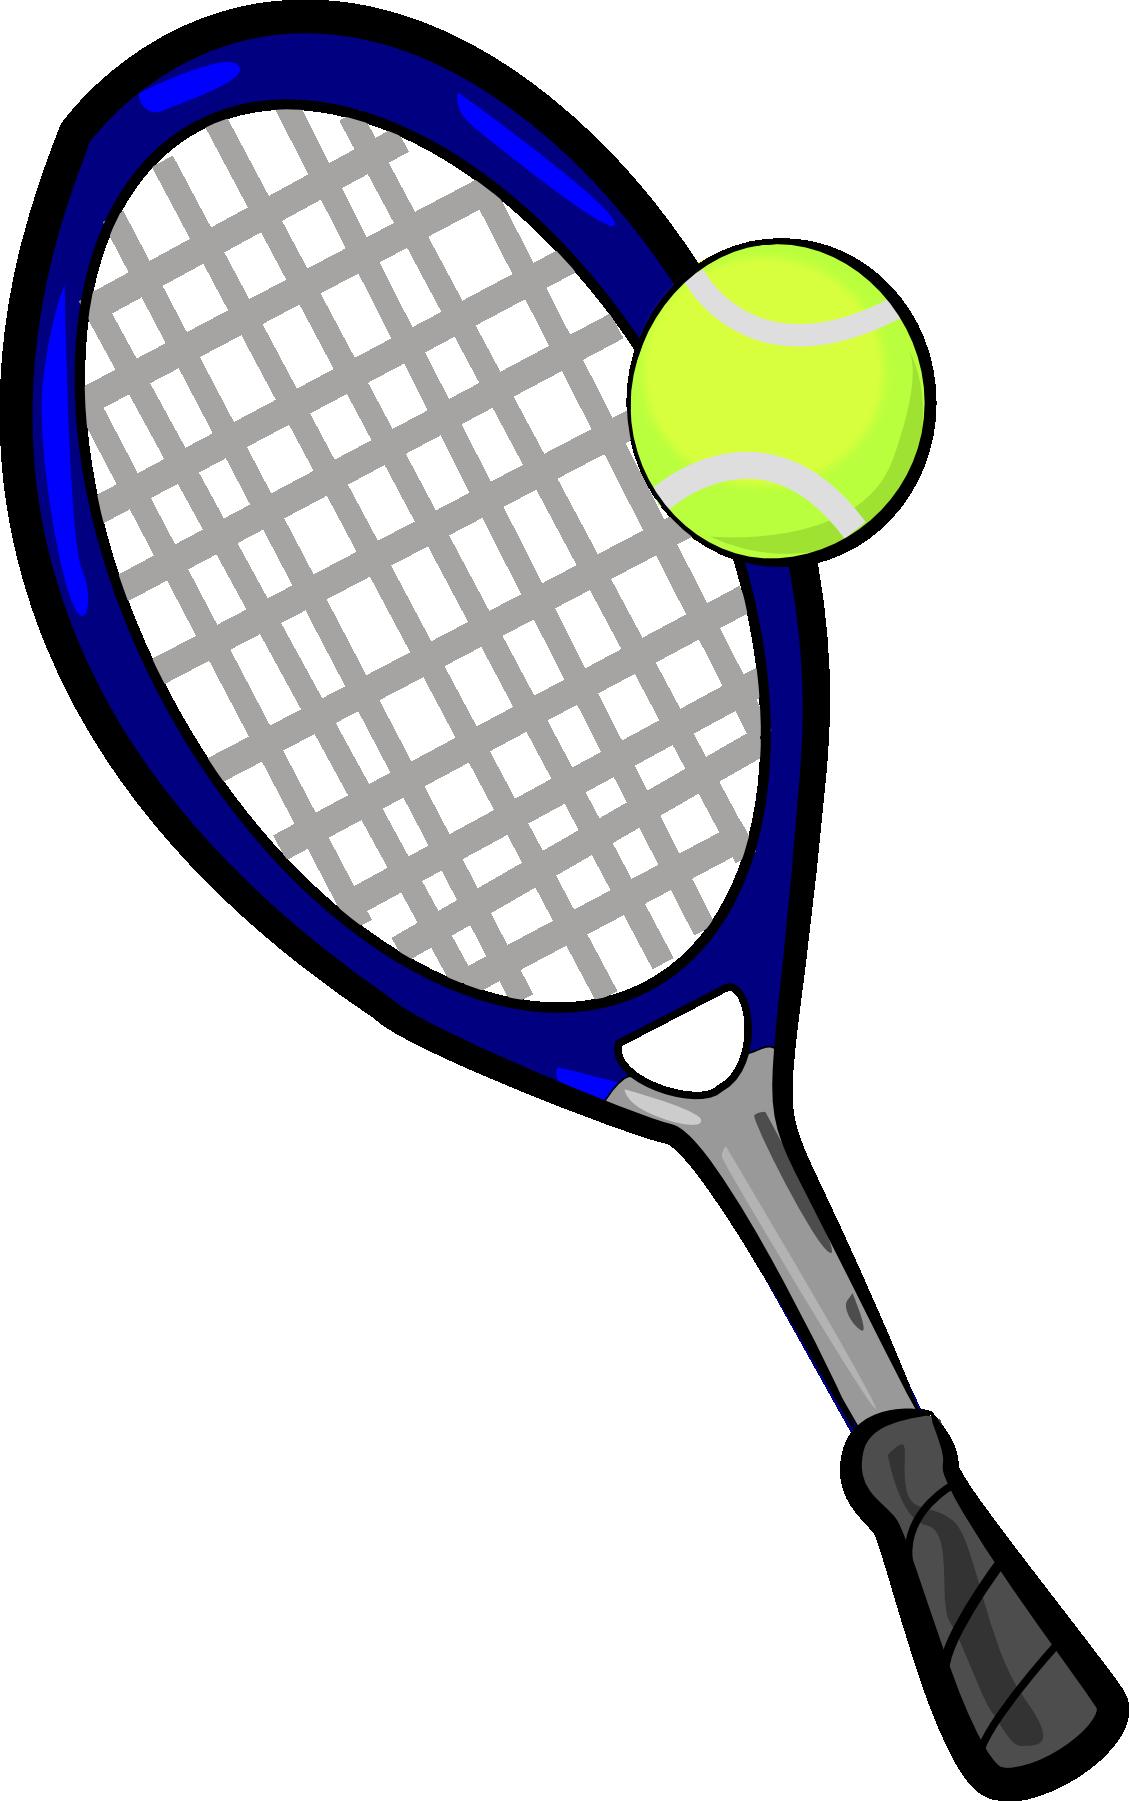 1129x1801 Tennis Ball And Racket Clip Art Clipart